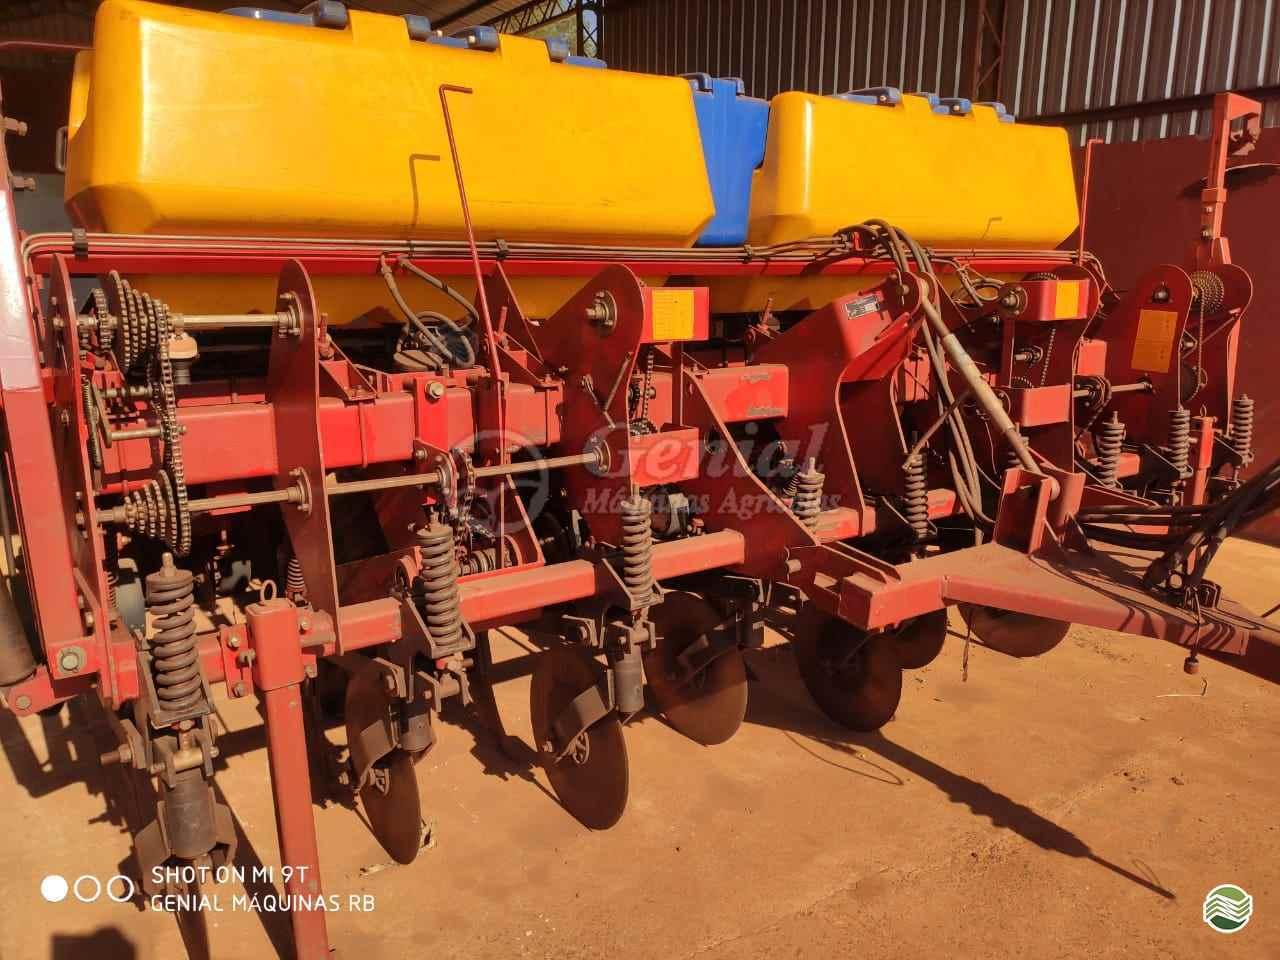 PLANTADEIRA FANKHAUSER PLANTADORA 5040 Genial Máquinas DOURADOS MATO GROSSO DO SUL MS